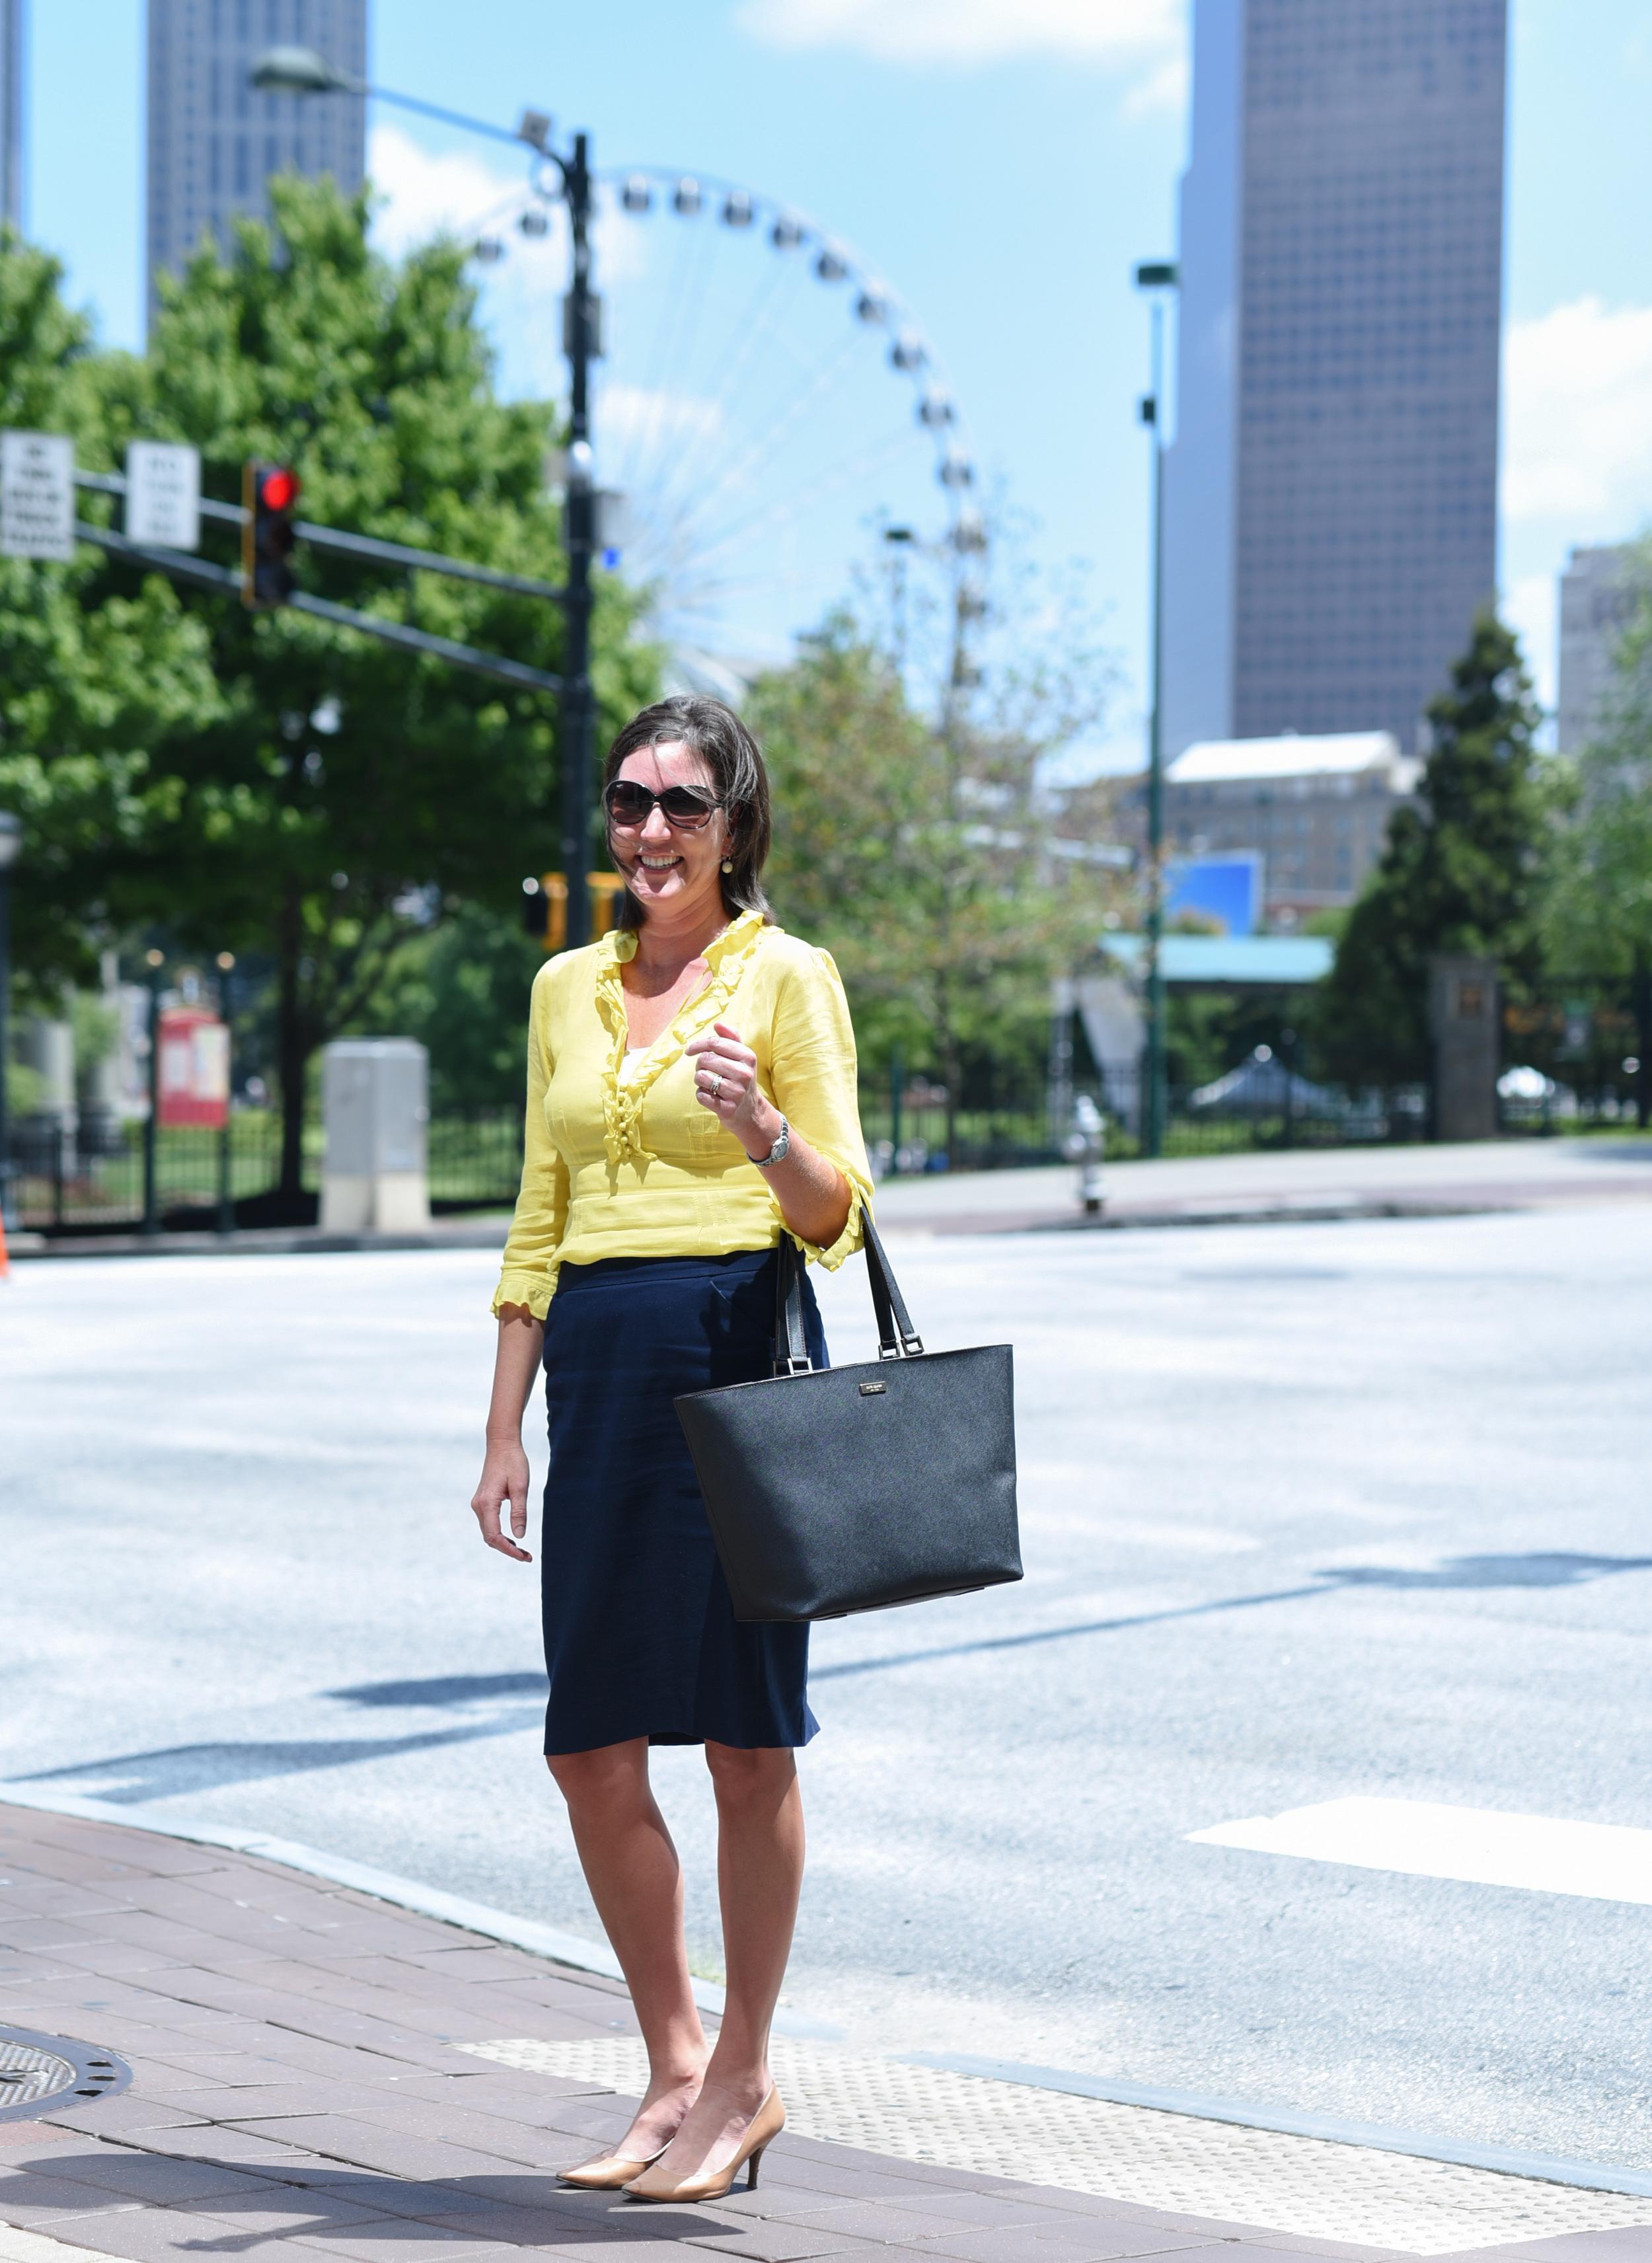 woman-downtown.jpg